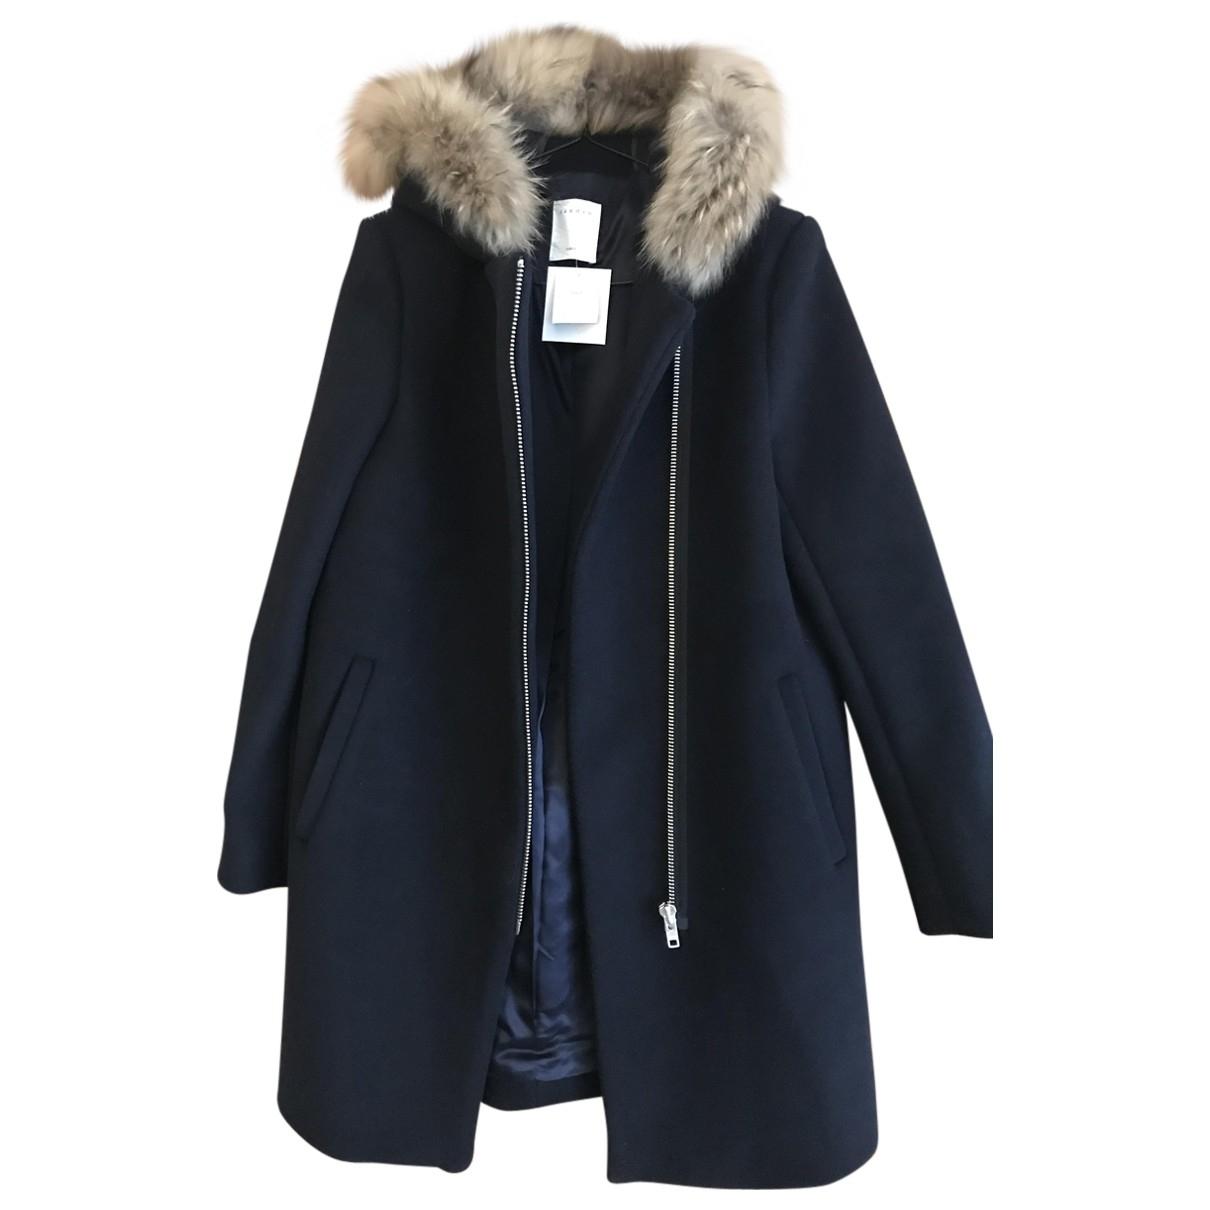 Sandro Fall Winter 2019 Blue Wool coat for Women 40 FR